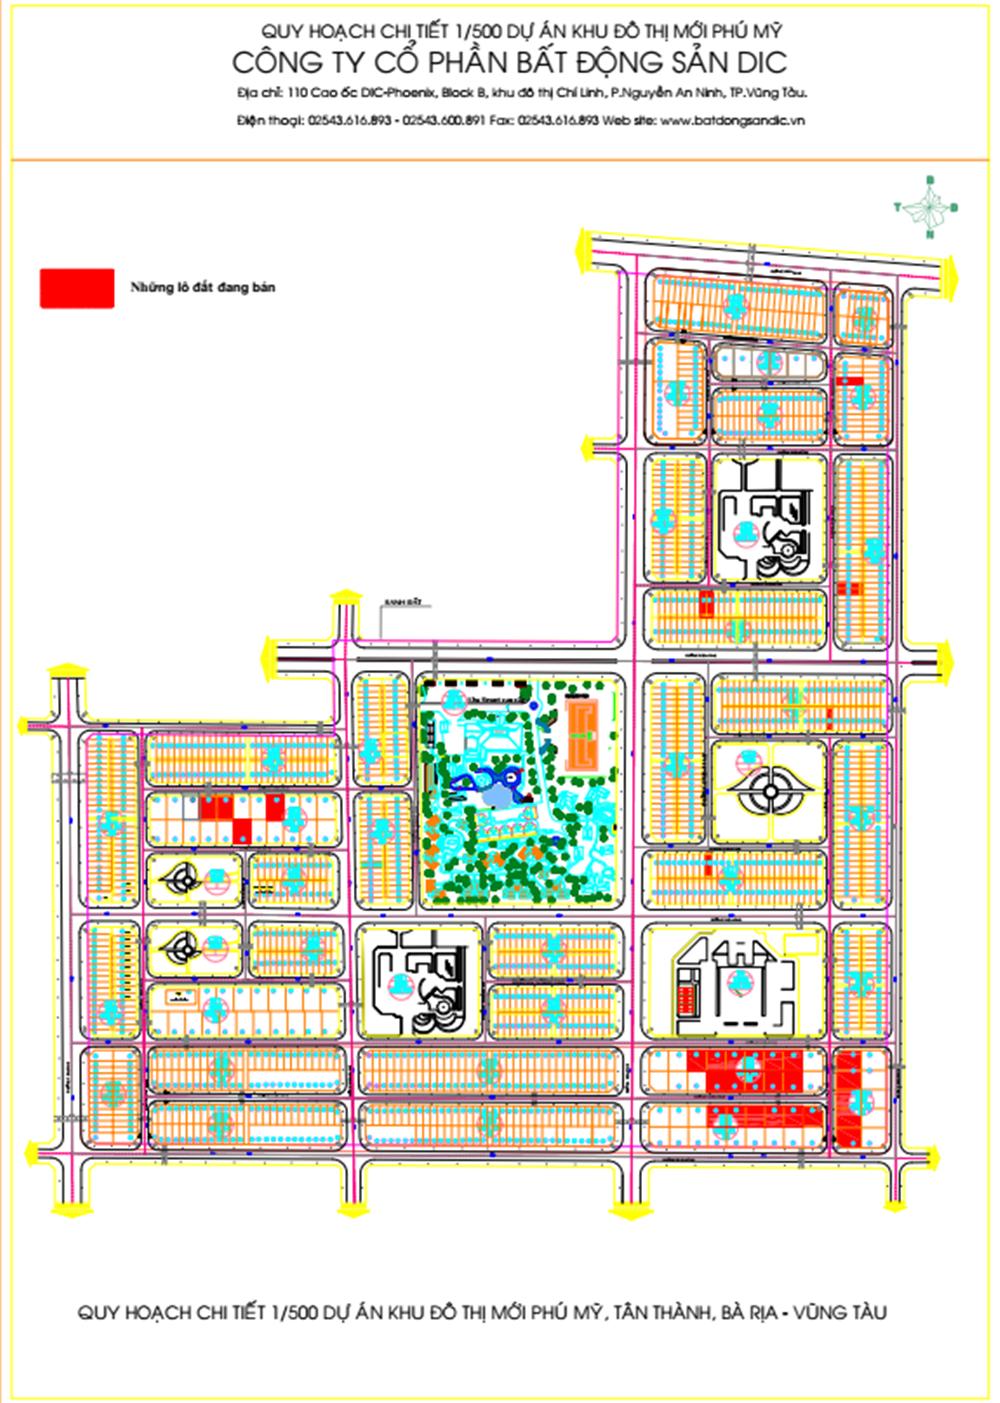 Mặt bằng chi tiết dự án ATA Phú Mỹ Bà Rịa